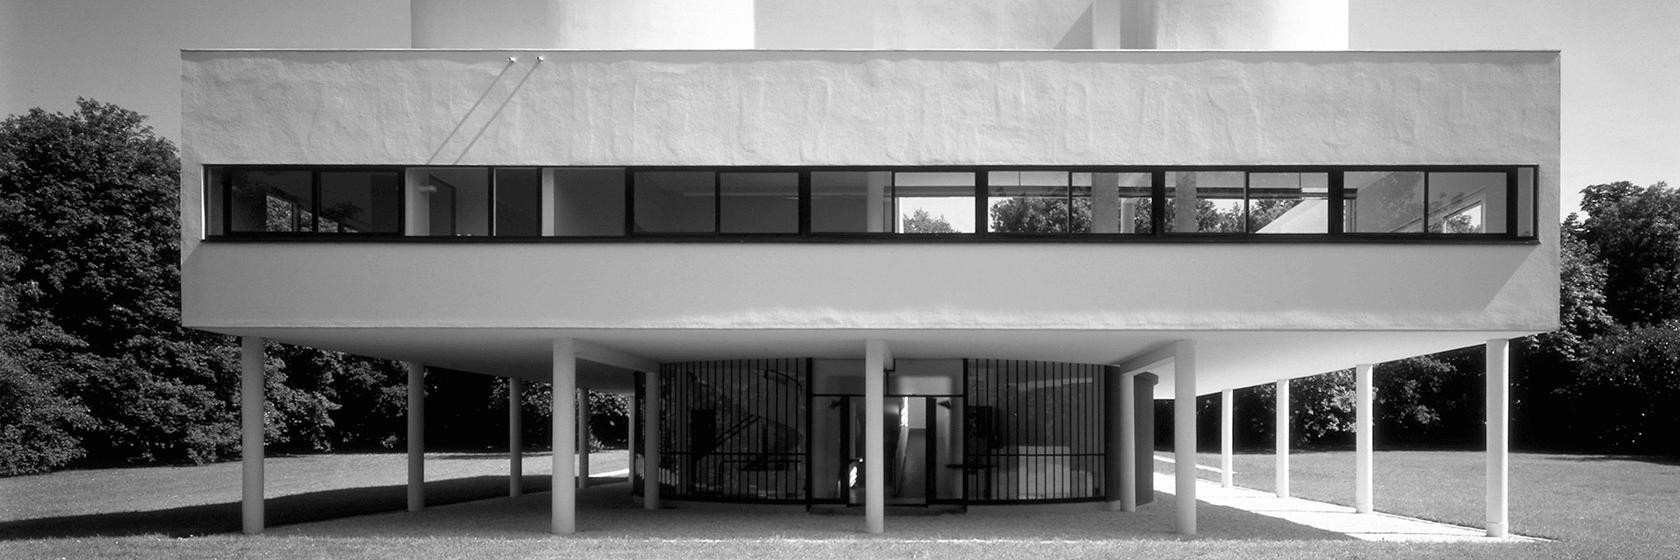 L'Arquitectura i Interiorisme de luxe a Barcelona | The Room Studio